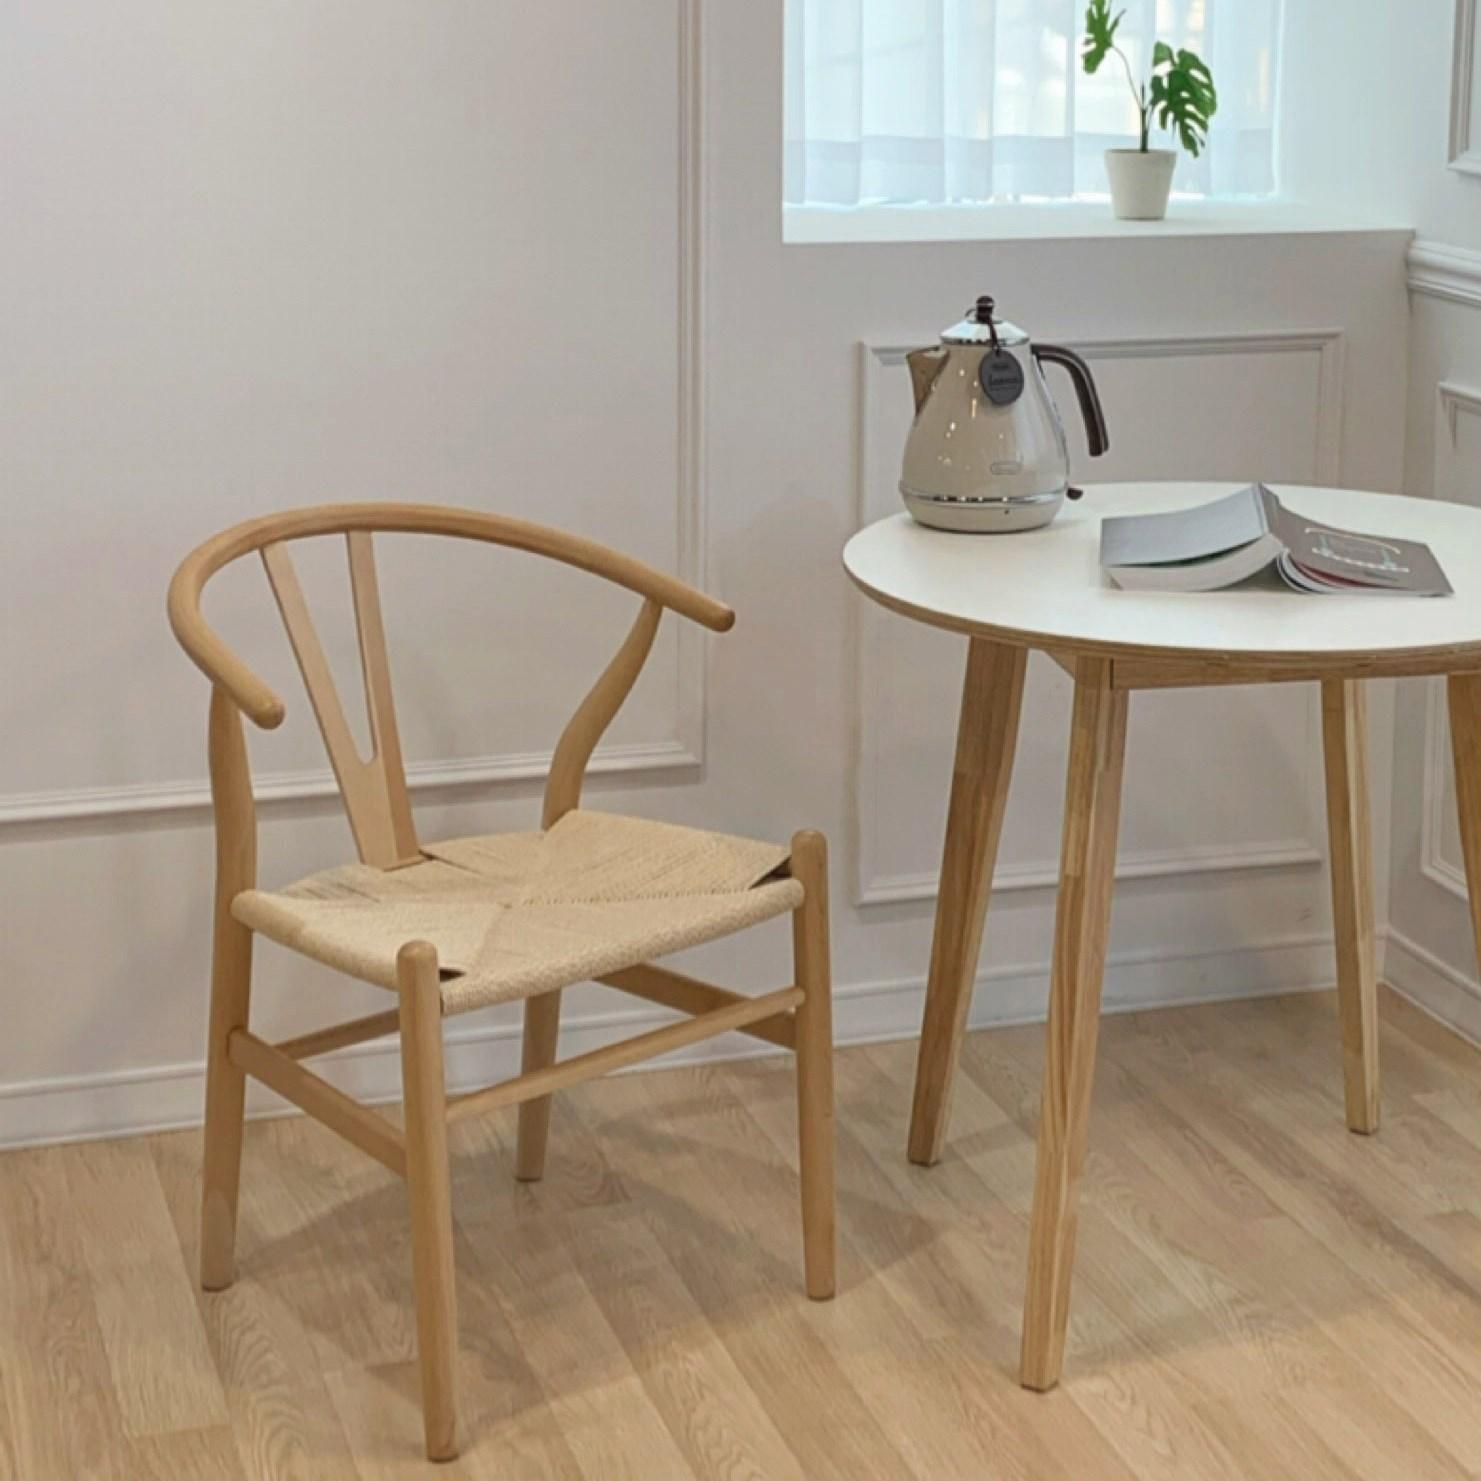 다은담다 레스트 인테리어 원목 라탄 의자, 디자인A 내추럴색상